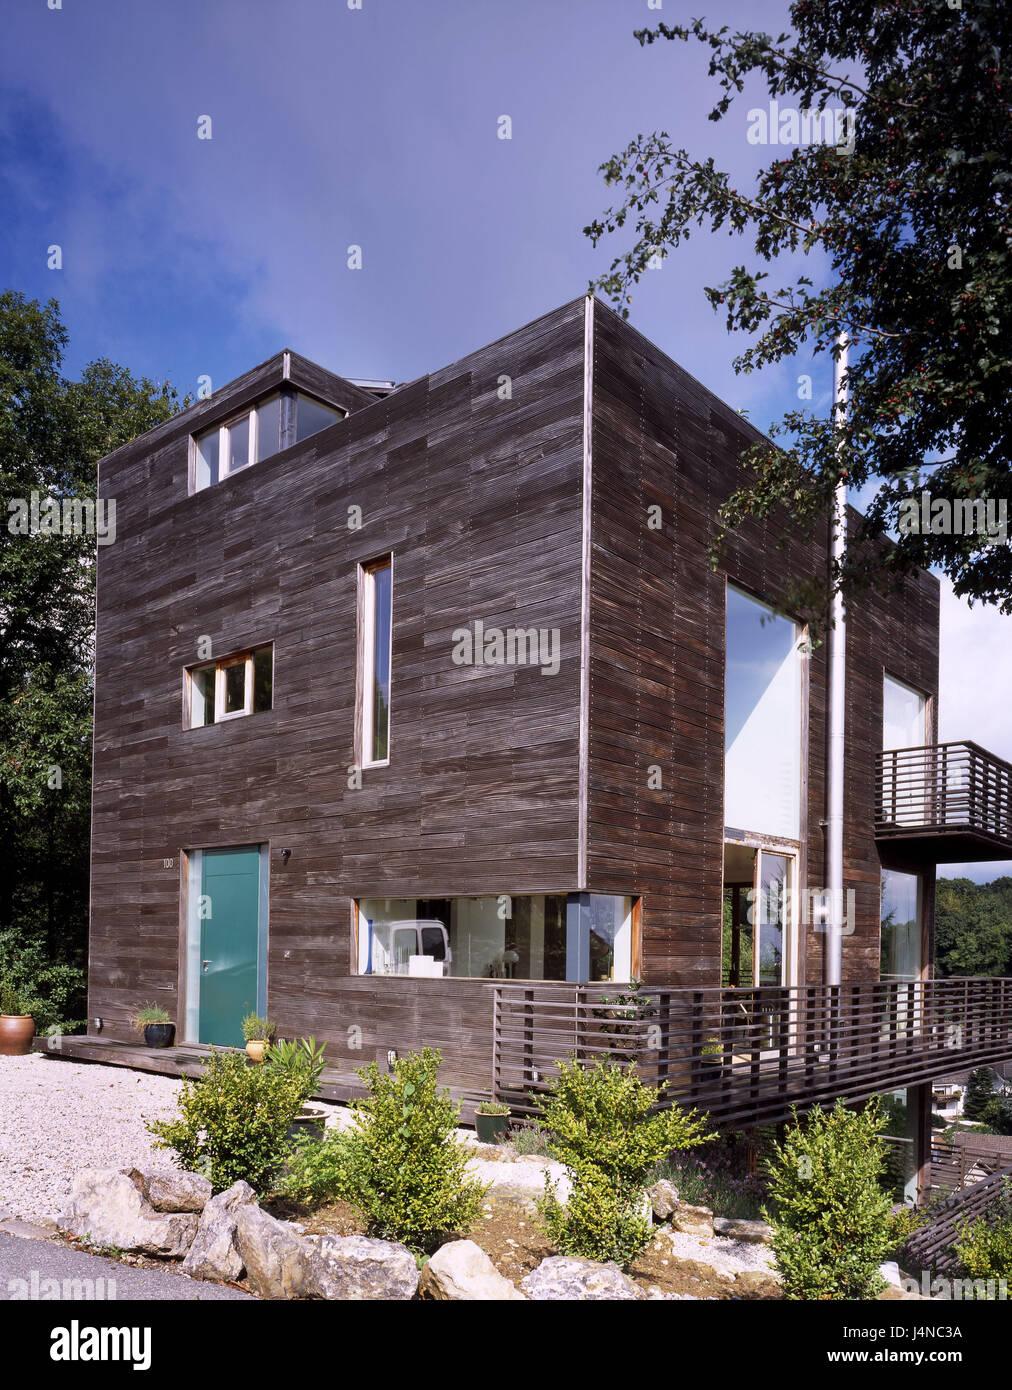 maison dhabitation moderne faade lambris de bois colline situation construction maison faade de maison faade en bois le temps dembarquement